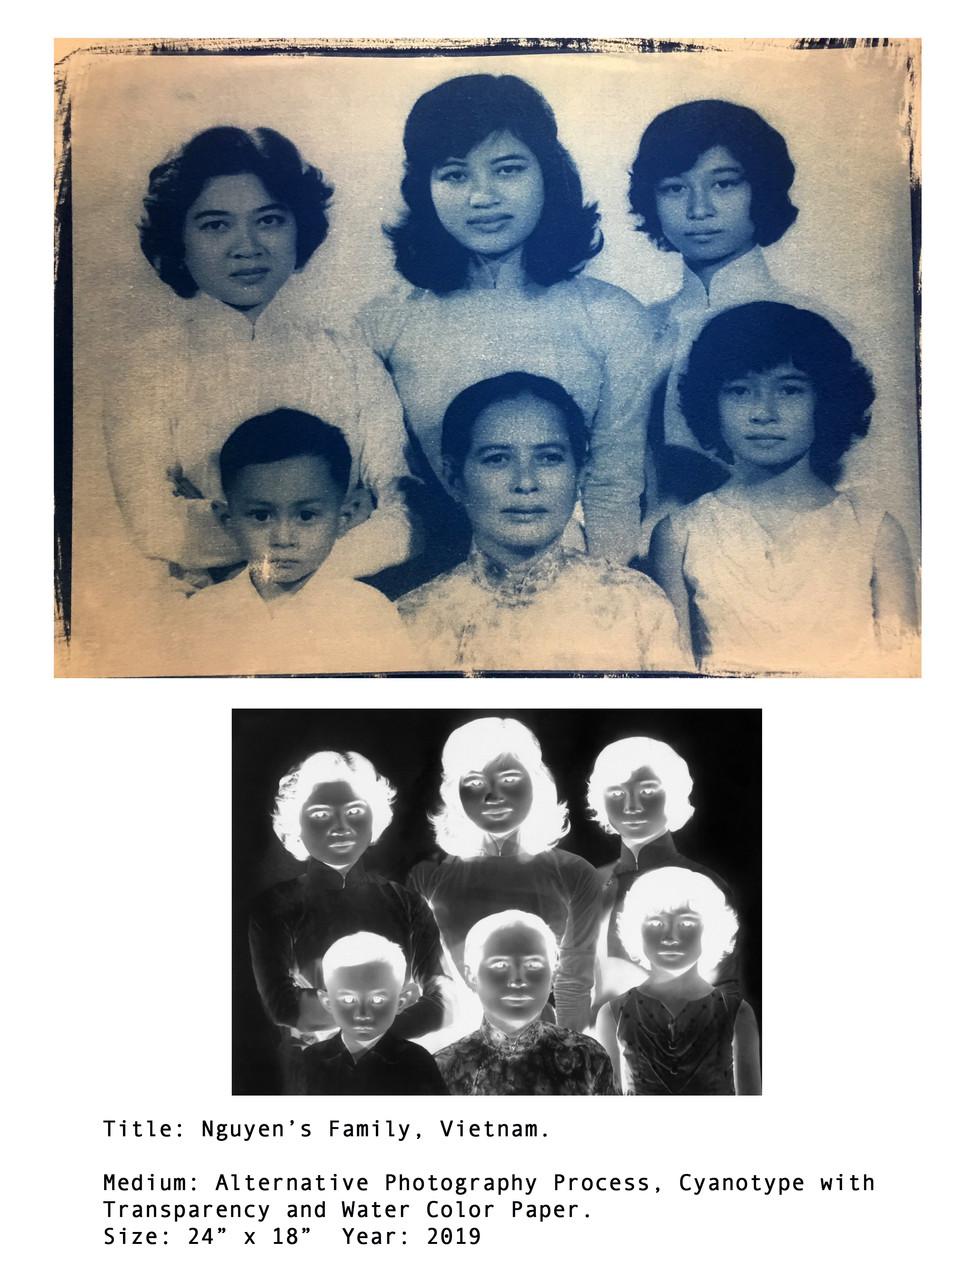 Nguyen's Family